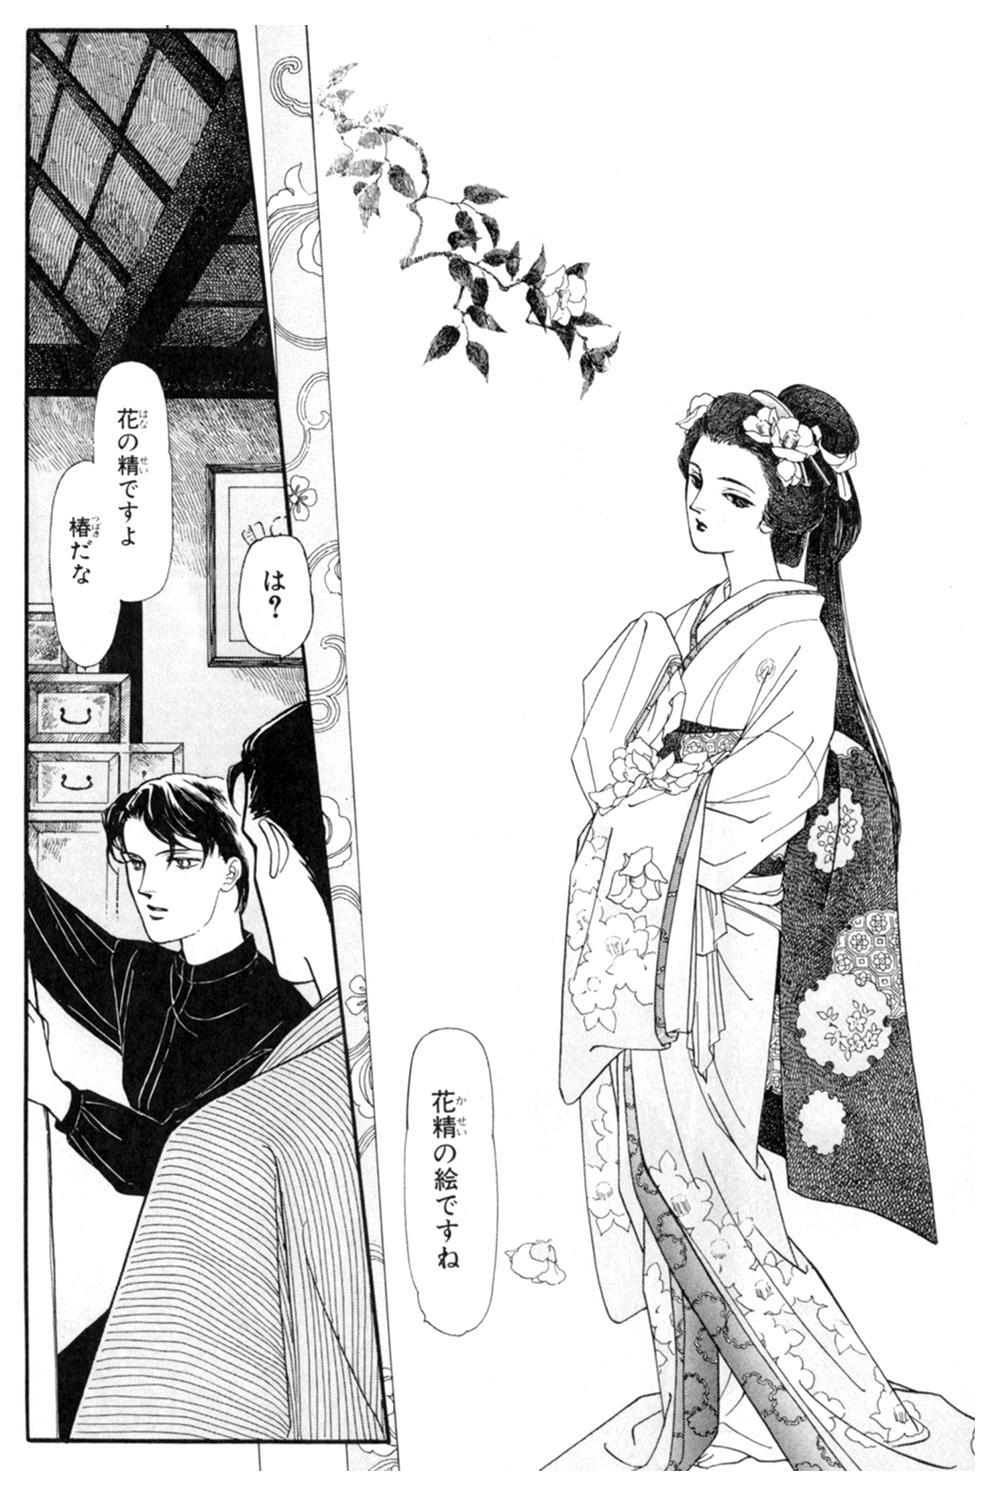 雨柳堂夢咄 第1話「花椿の恋」①uryu06.jpg